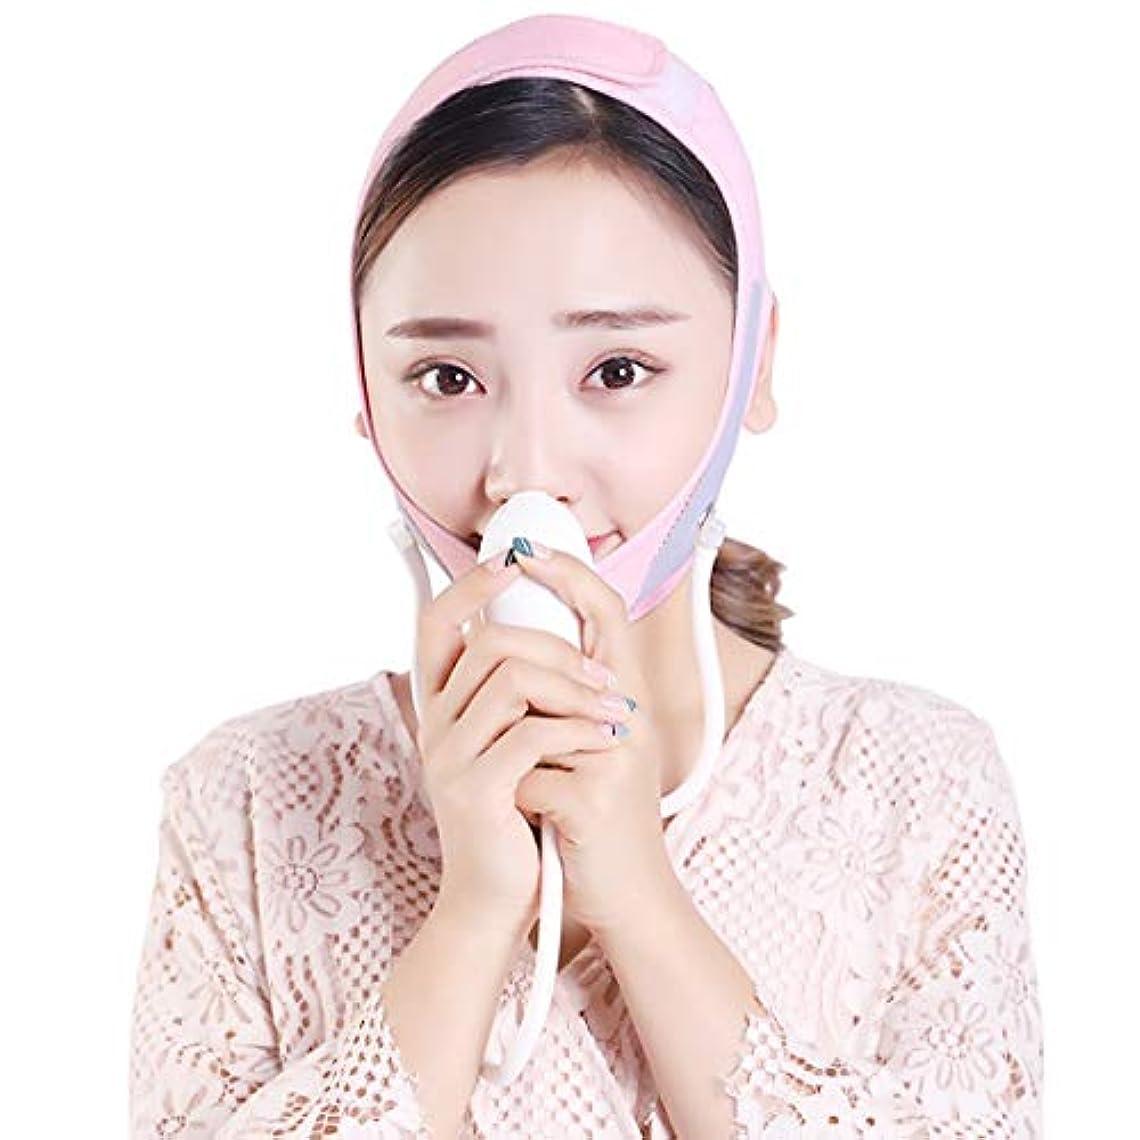 去る侵入する扇動ZWBD フェイスマスク, 薄いフェイス包帯インフレータブル調節可能なフェイスリフトアーチファクト包帯をダブルチンリフト引き締めシワ小さなv顔男性と女性